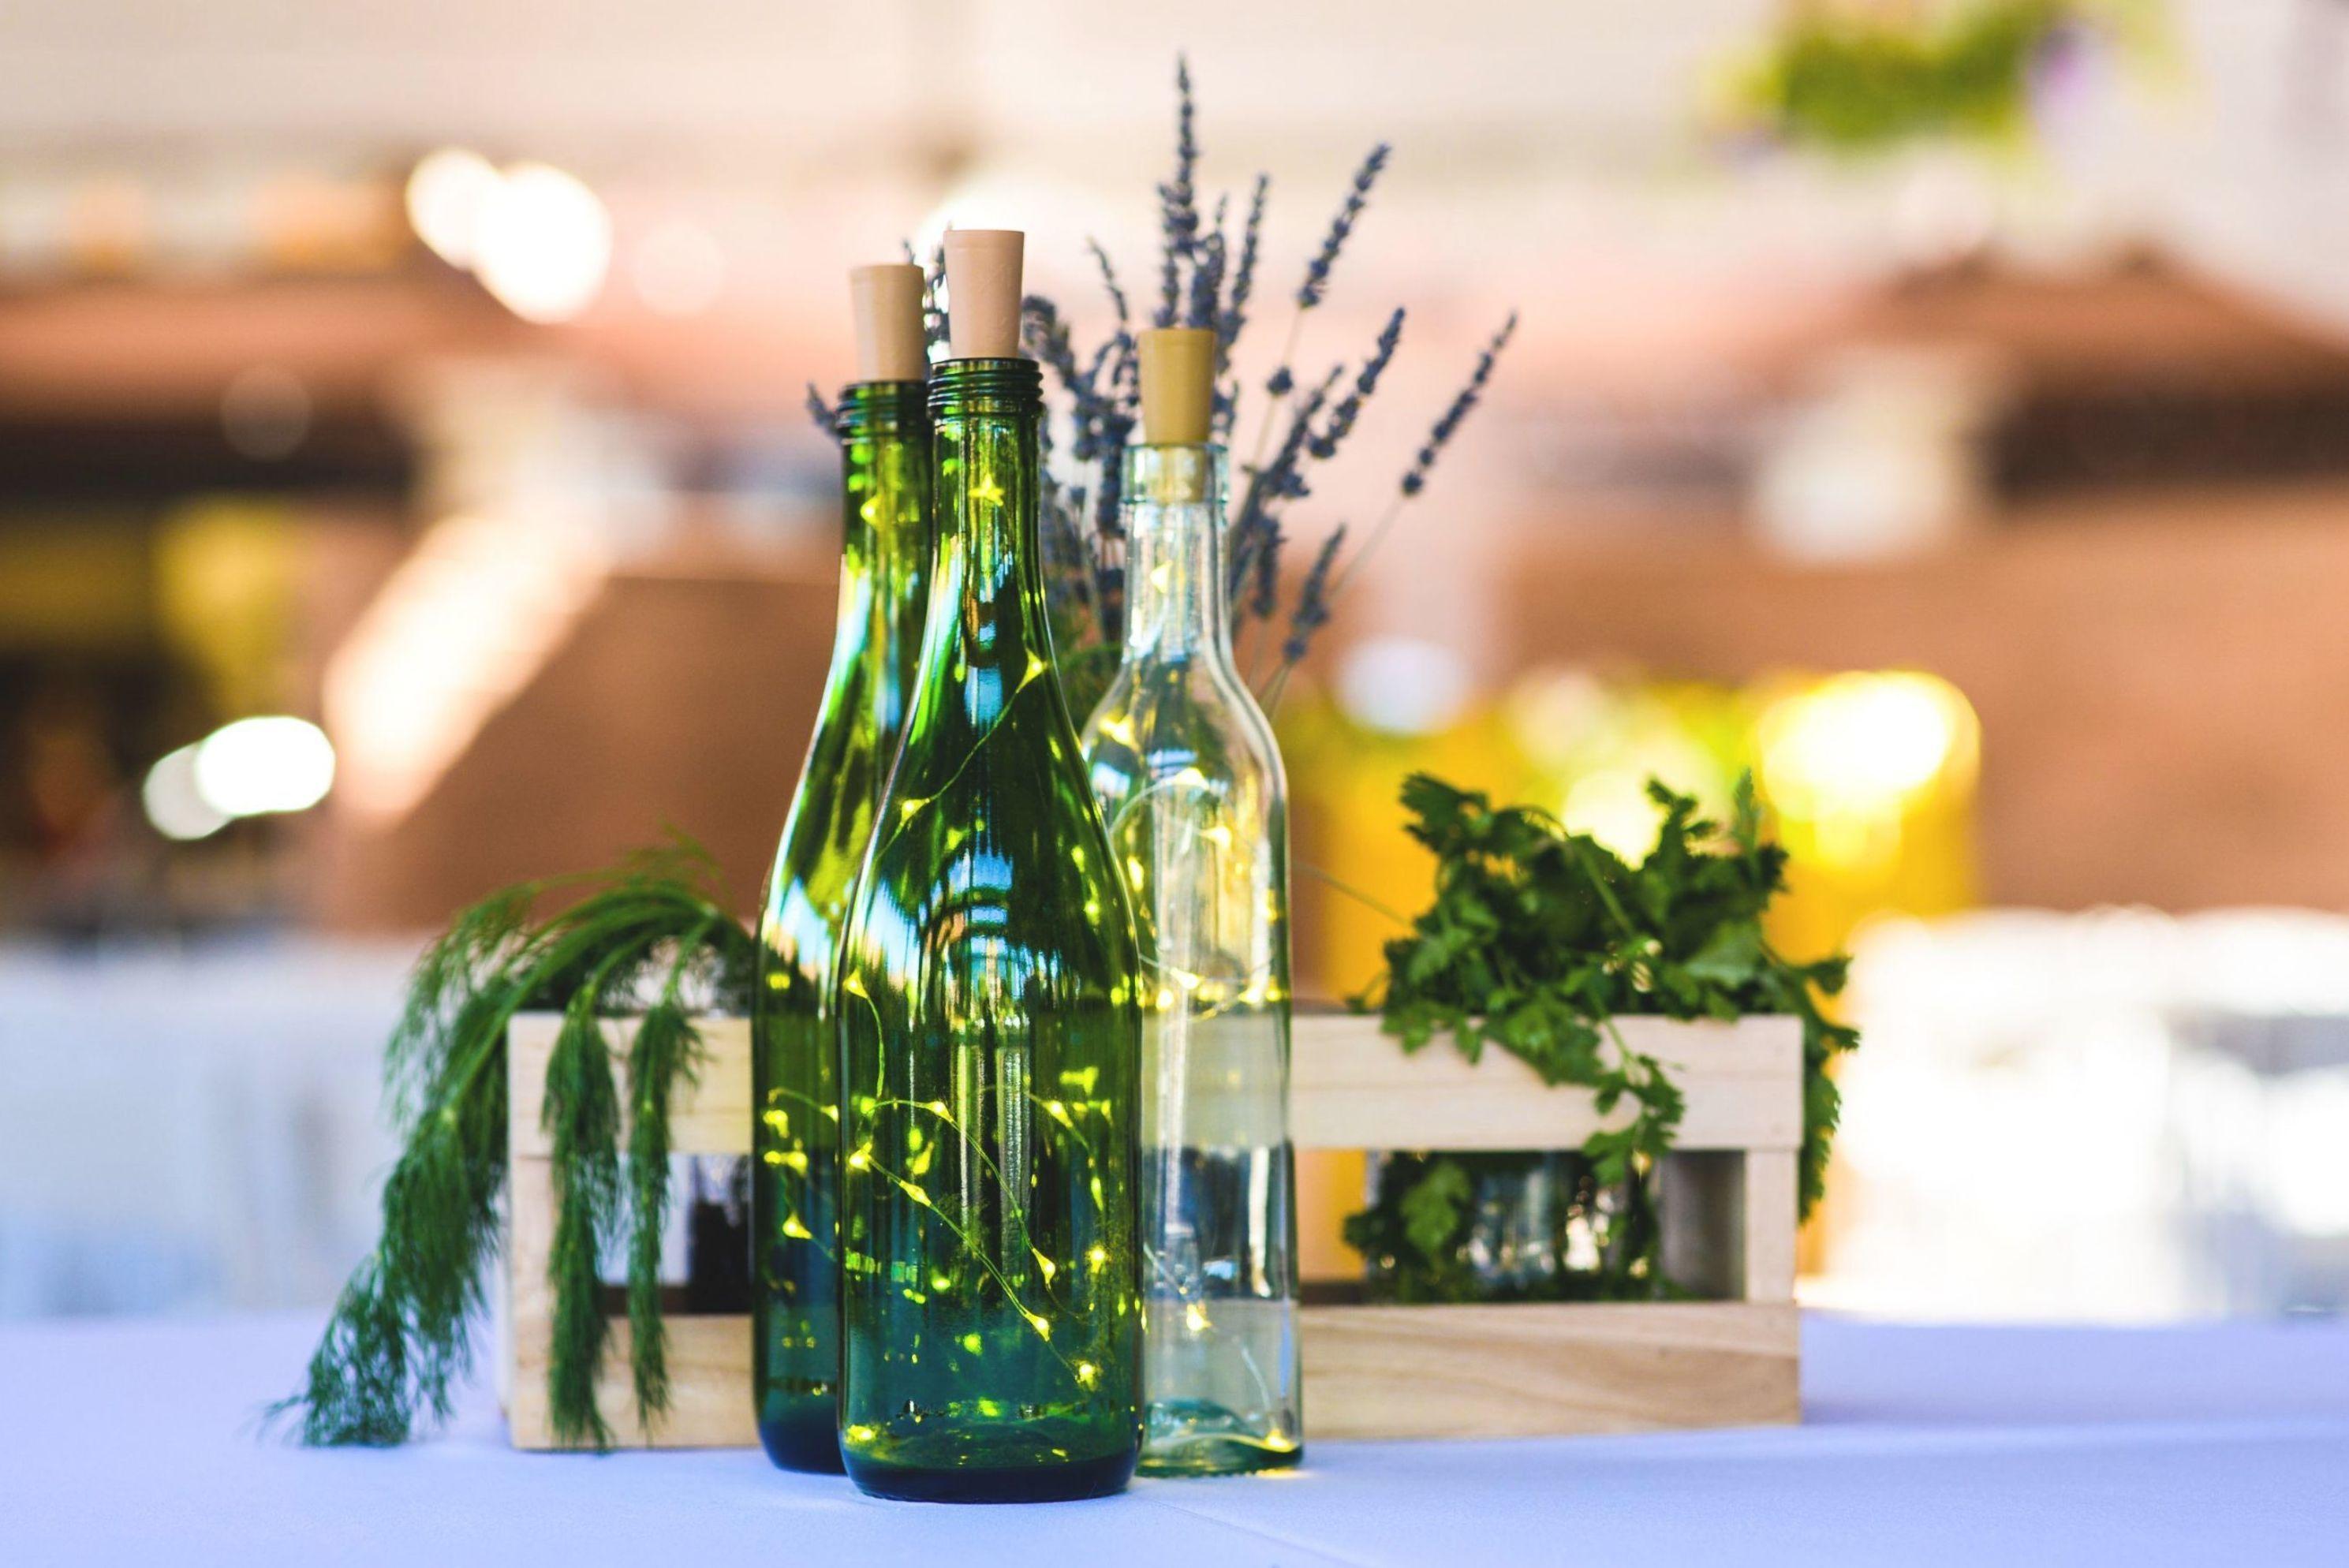 Twinkle Lights Wine Bottle Centerpiece | Wedding Decoration | BravoBride in  2020 | Wine bottle wedding centerpieces, Wine bottle centerpieces, Wedding  floral centerpieces